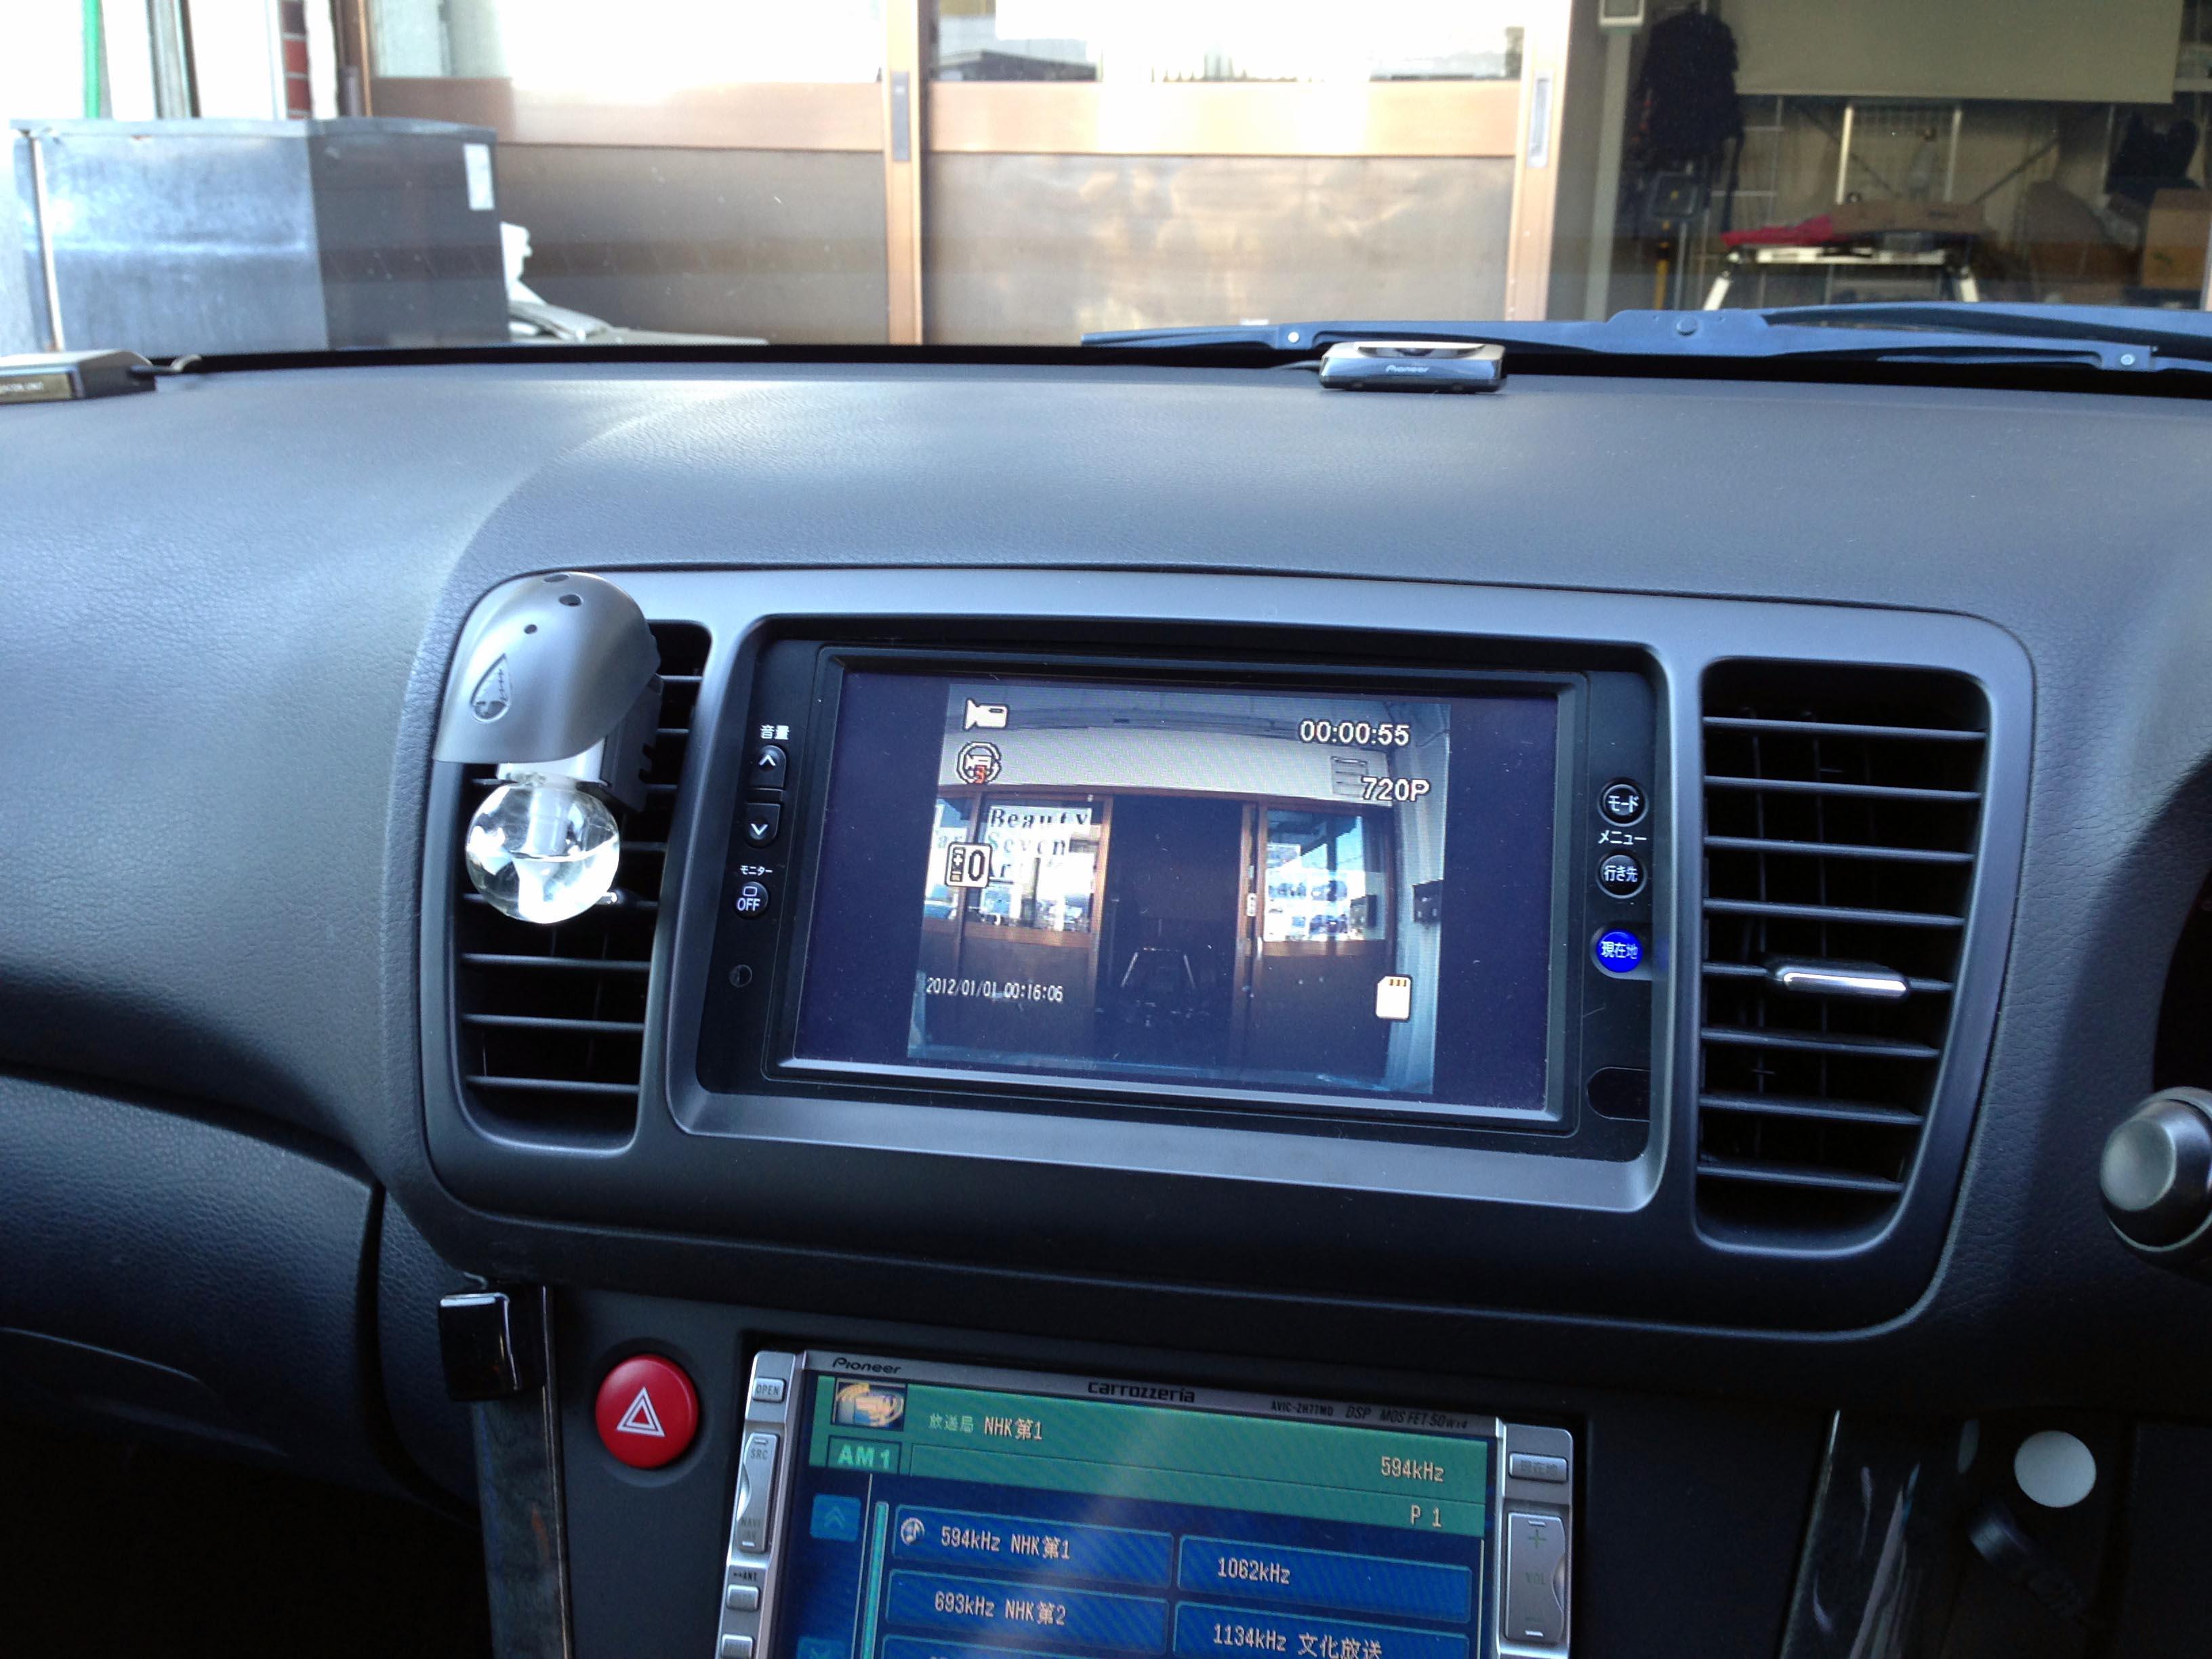 ドライブレコーダーの映像をモニターに接続